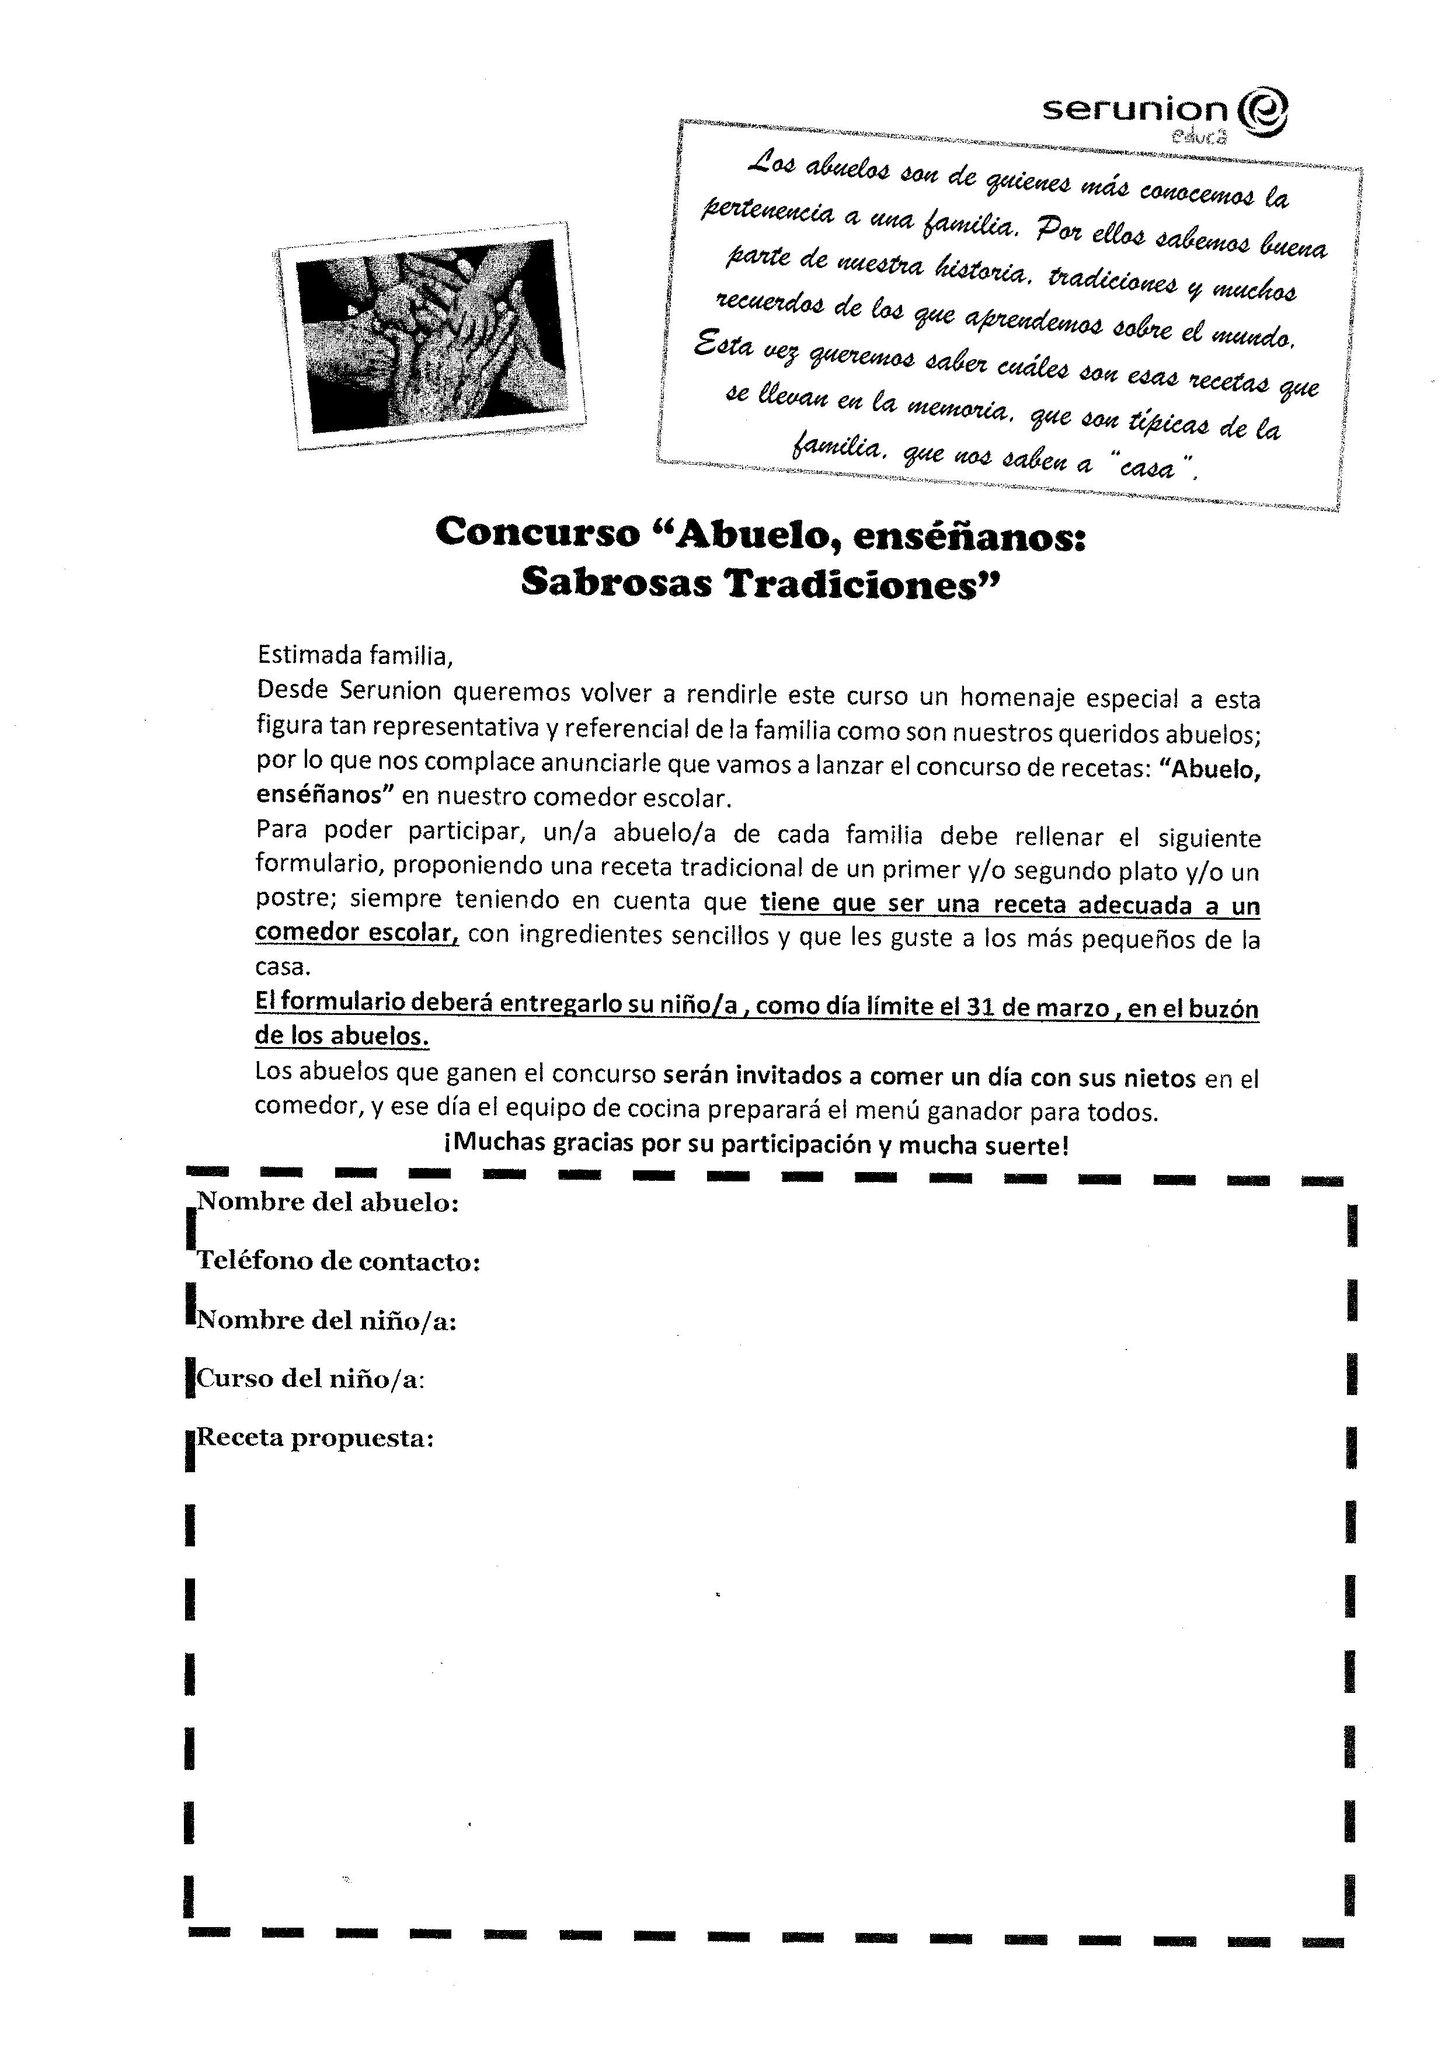 Resultado de imagen de aBUELO ENSEÑANOS COLEGIO CARLOS III